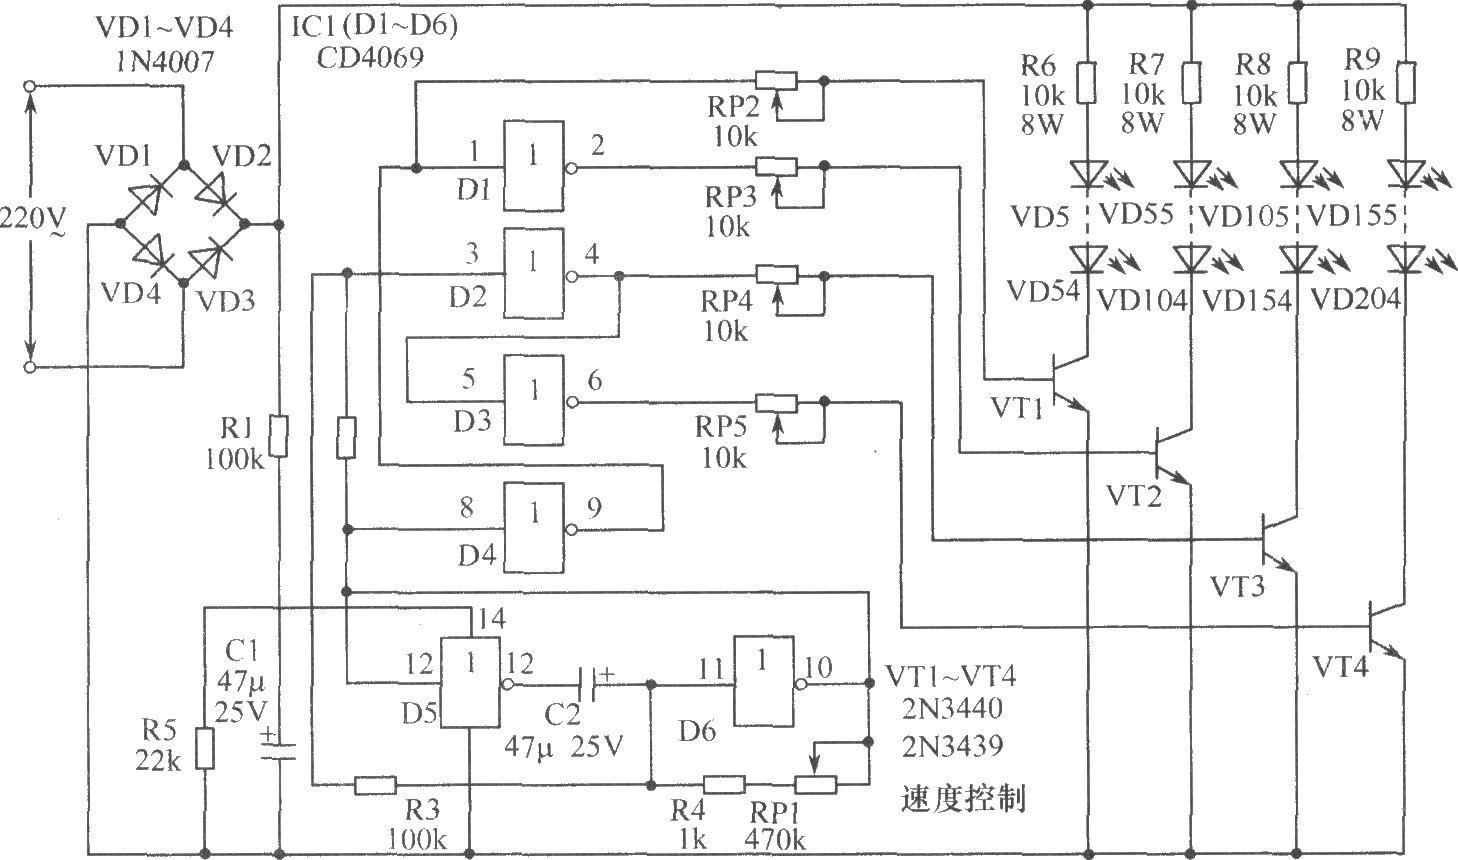 如图所示为利用简单、廉价的CMOS六反相器CD4069为主构成的圣诞彩灯电路,可控制4个回路共200只发光二极管(每路50只),并且直接由220V电源驱动,无需电源变压器。电源电压经VD1~VD4桥式整流后,通过R1、R5的分压及C1的滤波,在C1的两端获得约6V直流电压供IC1(CD4069)使用。门D5和D6构成低频振荡。其频率可由RP来调节。其输出经过D1~D4的组合反相整形来控制4个高反压三极管(2N3440/2N3439)VT1~VT4。VT1~VT4每通道有50个发光二极管为彩灯负载。RP2